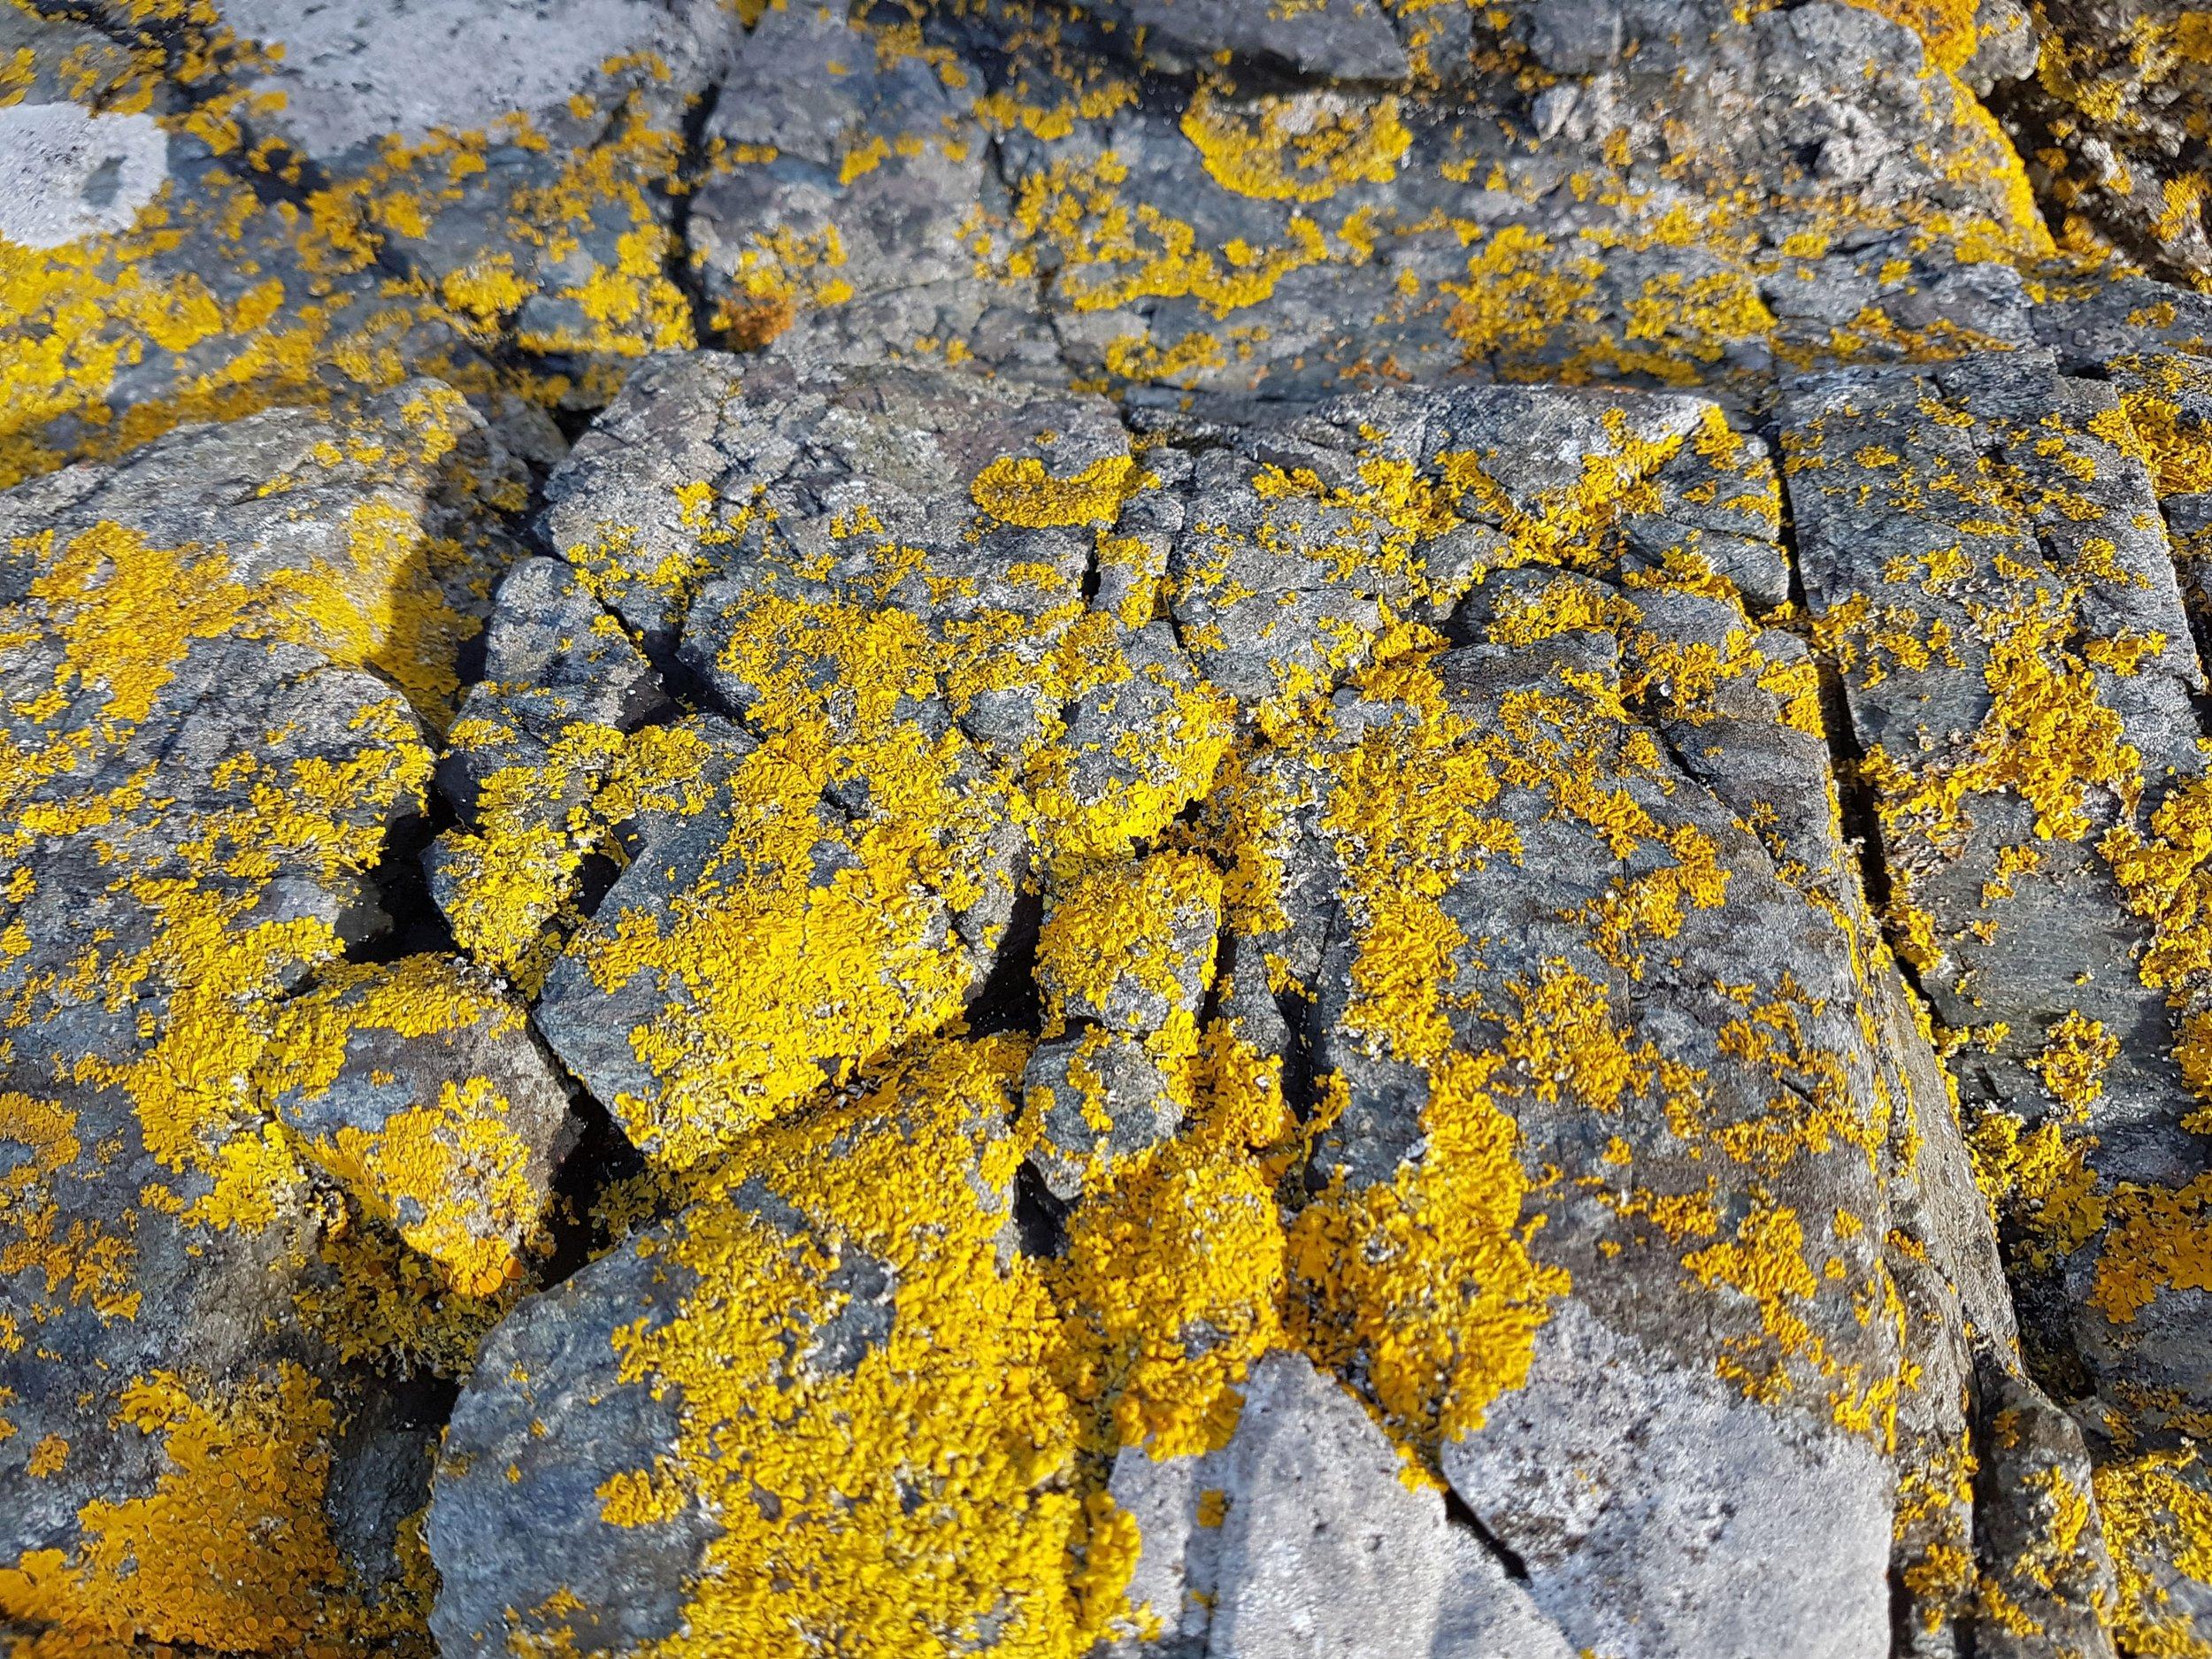 Burns, R. (2017)  Lichen on Rocks, Port Charlotte. (Own collection)